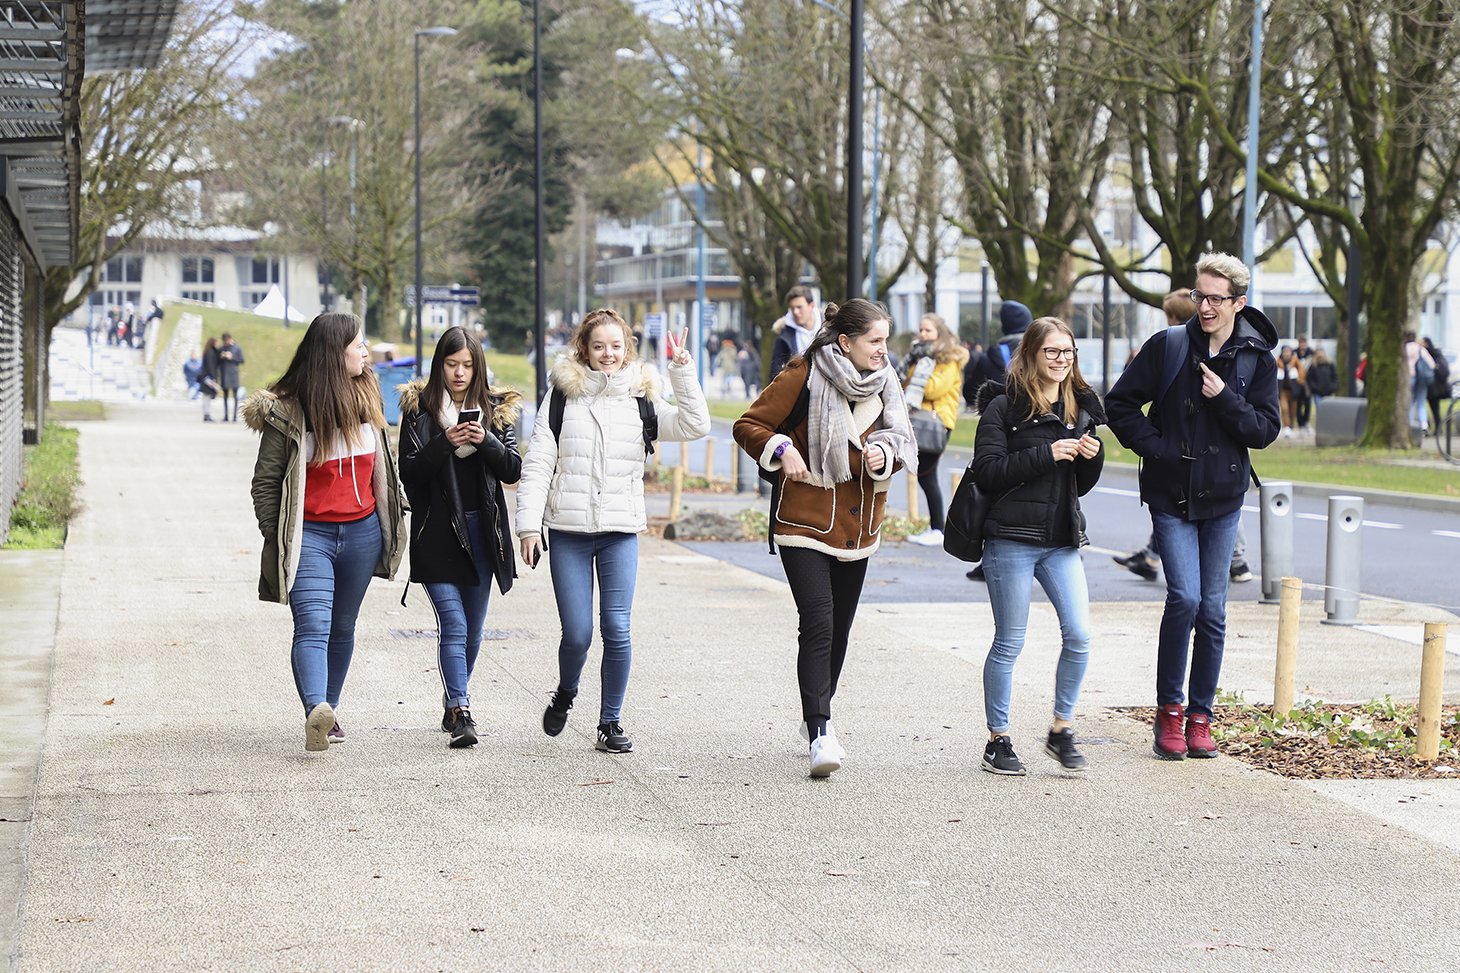 Étudiants sur le campus de Saint-Martin d'Hères